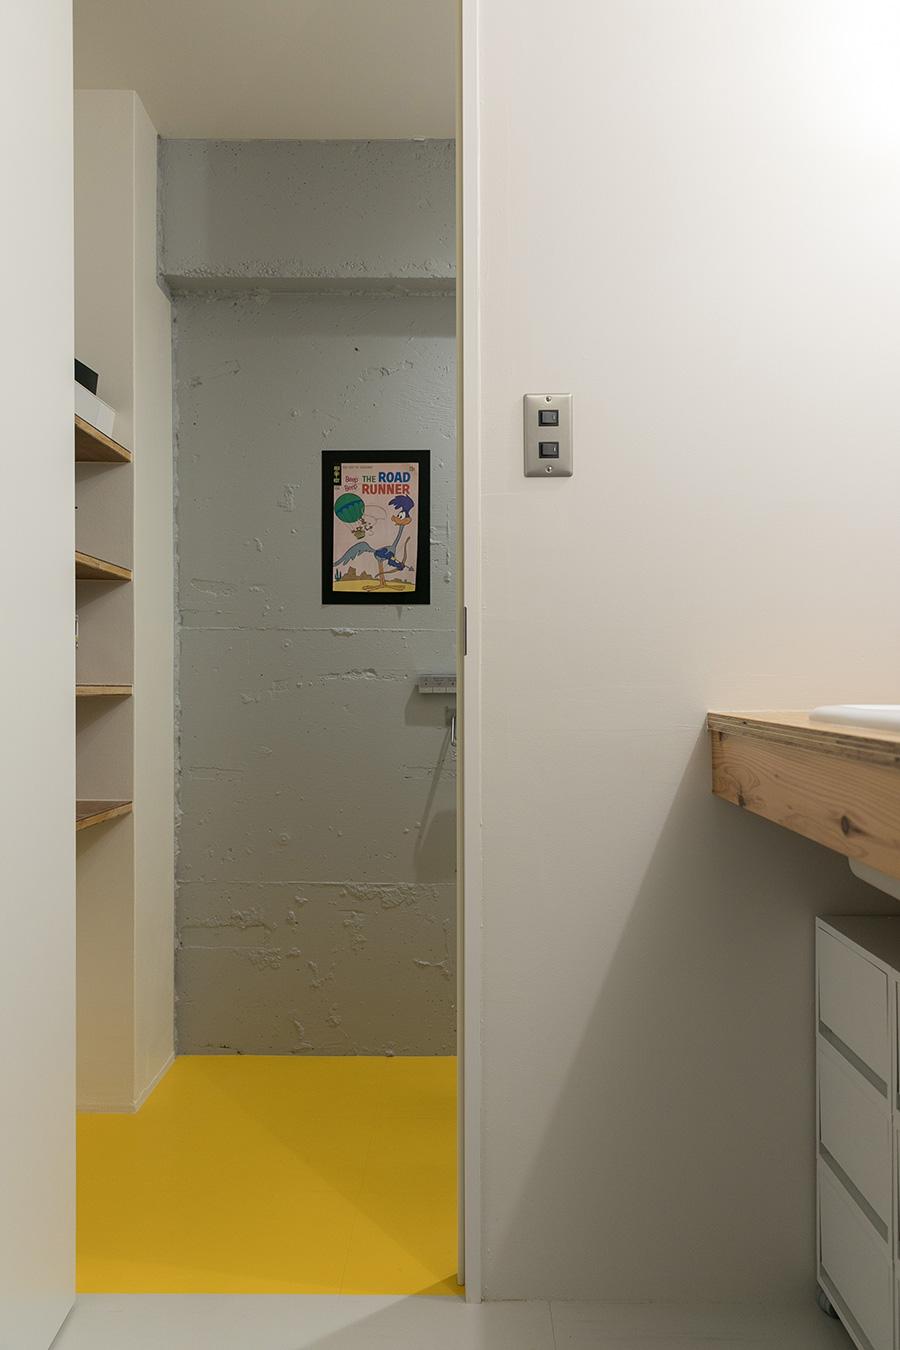 トイレは、床がイエロー、壁はグレーにペイント。イエローとグレーの組み合わせがキャラクターの世界観によく似合う。